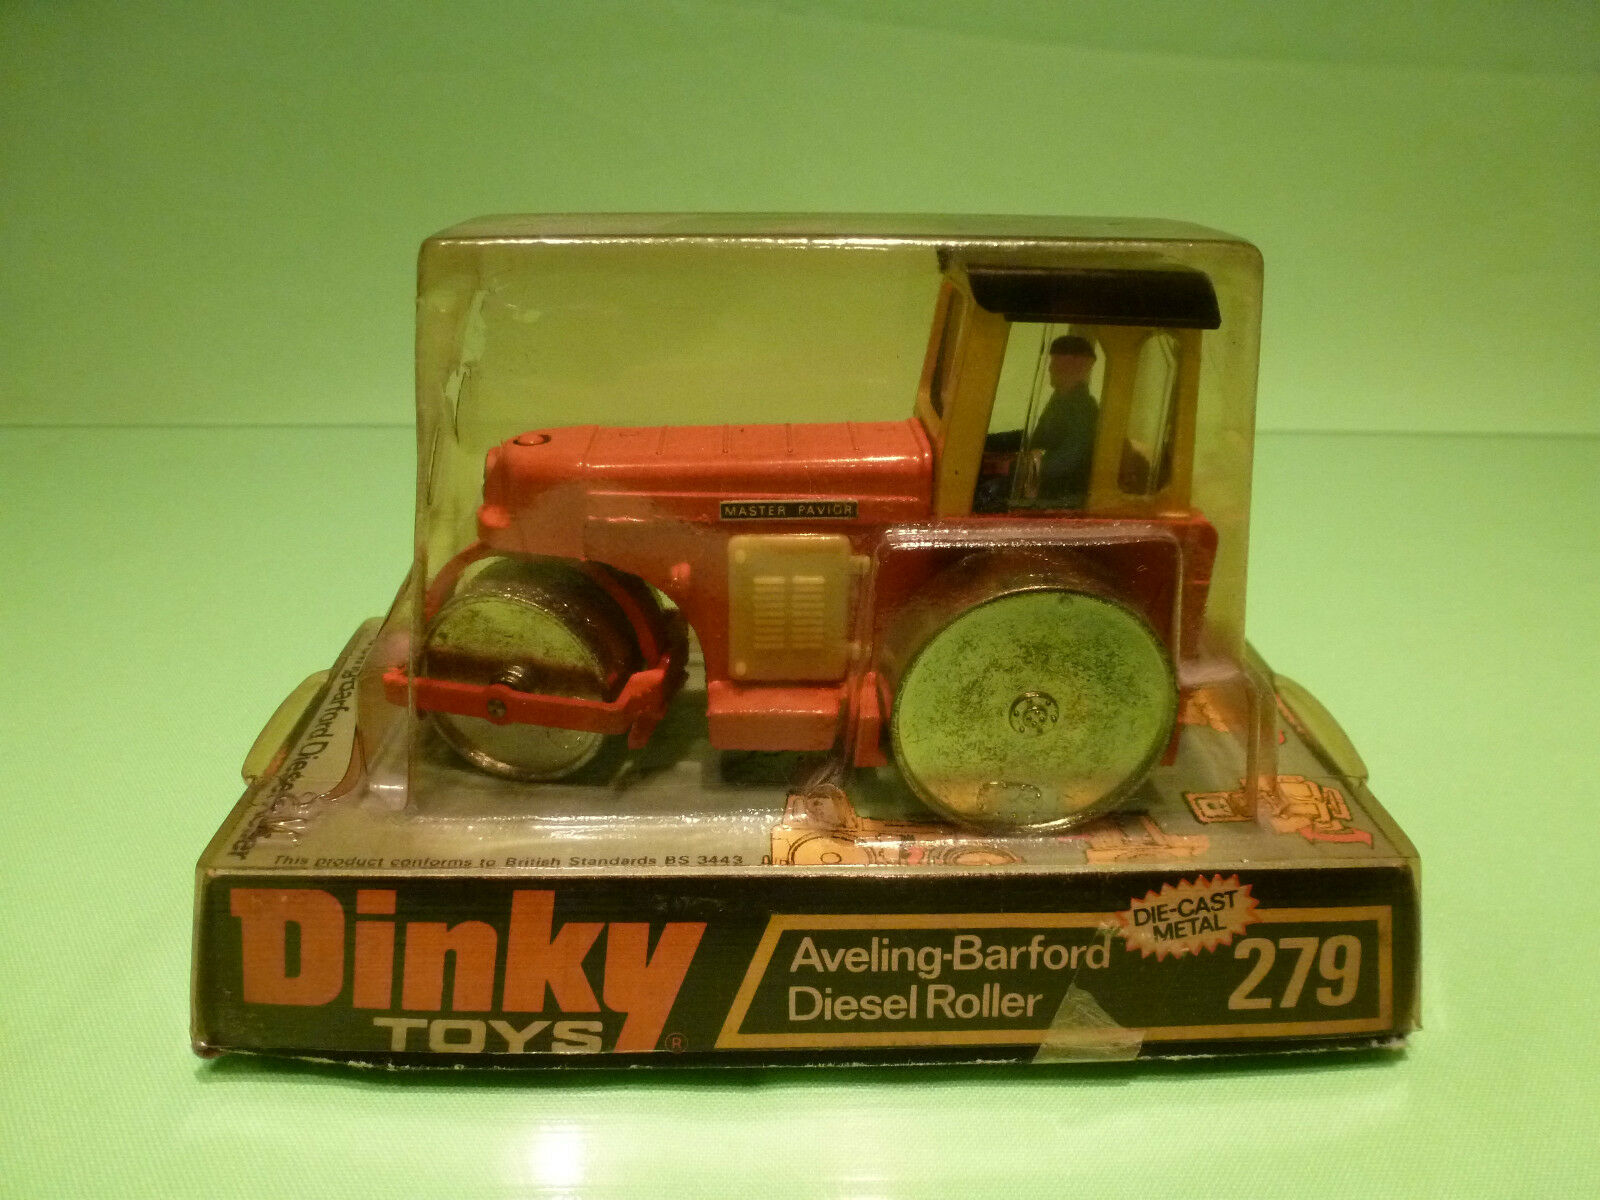 DINKY TOYS 279 AVELING BARFORD DIESEL ROLLER  - RARE SELTEN - GOOD IN BLISTER